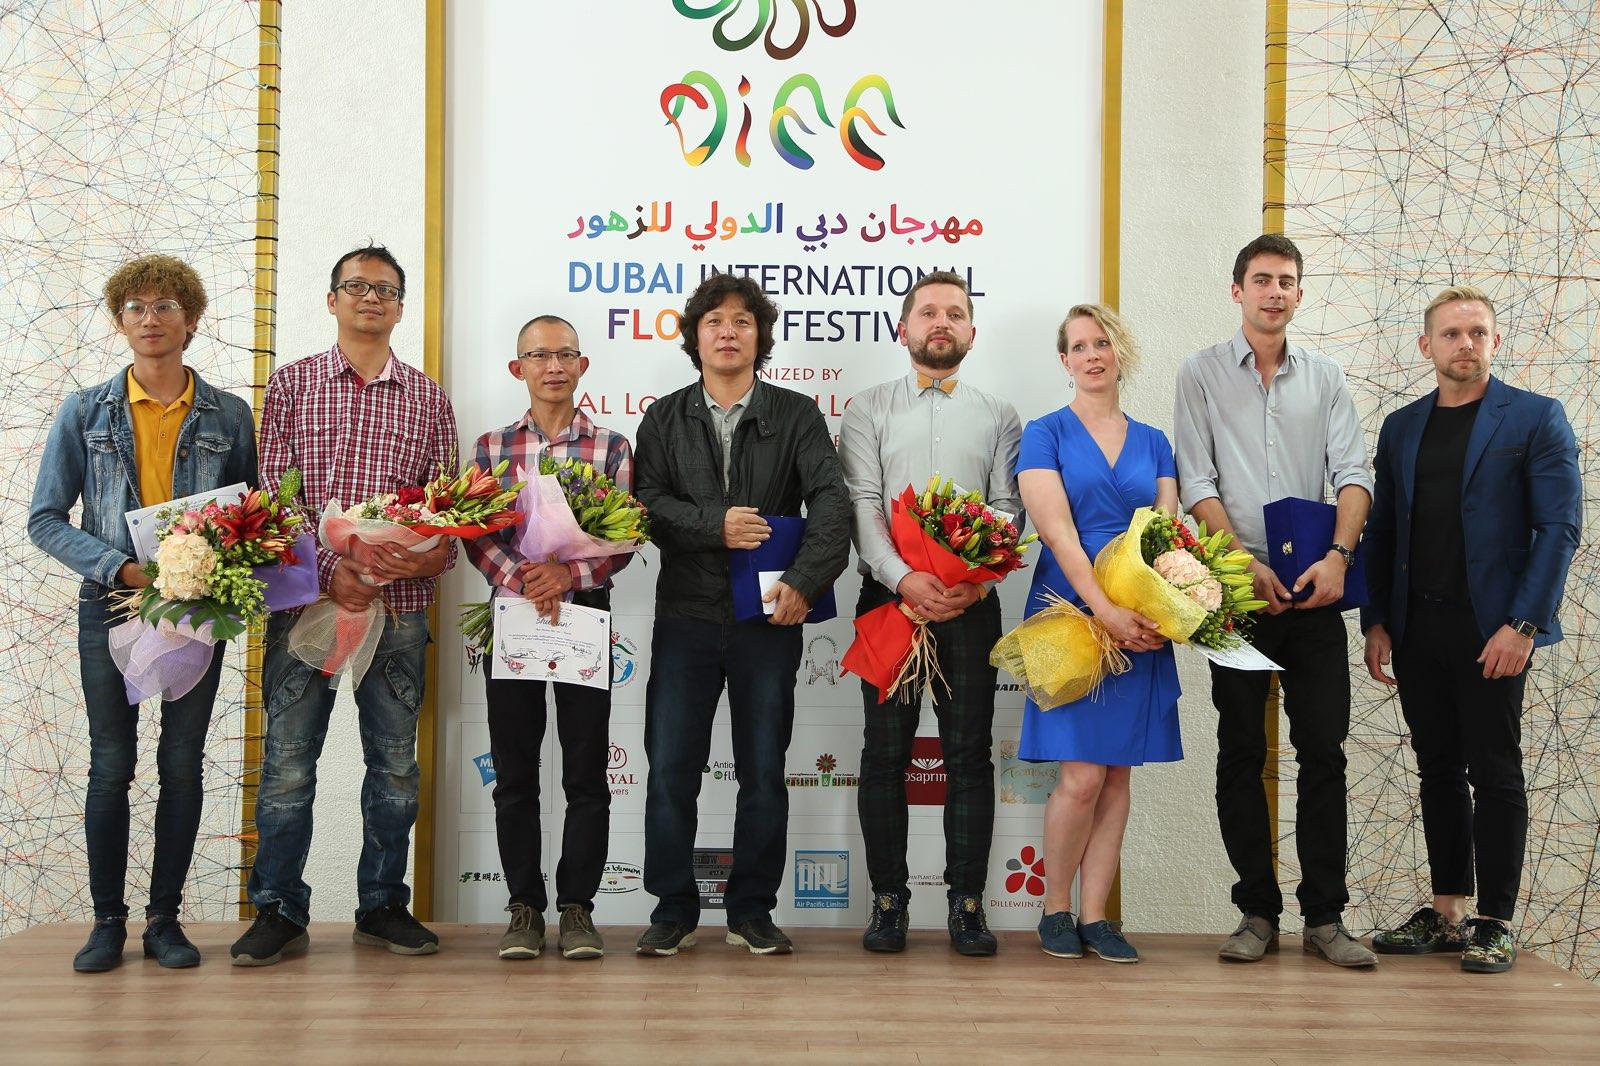 Dubai International Flower Festival DIFF2018